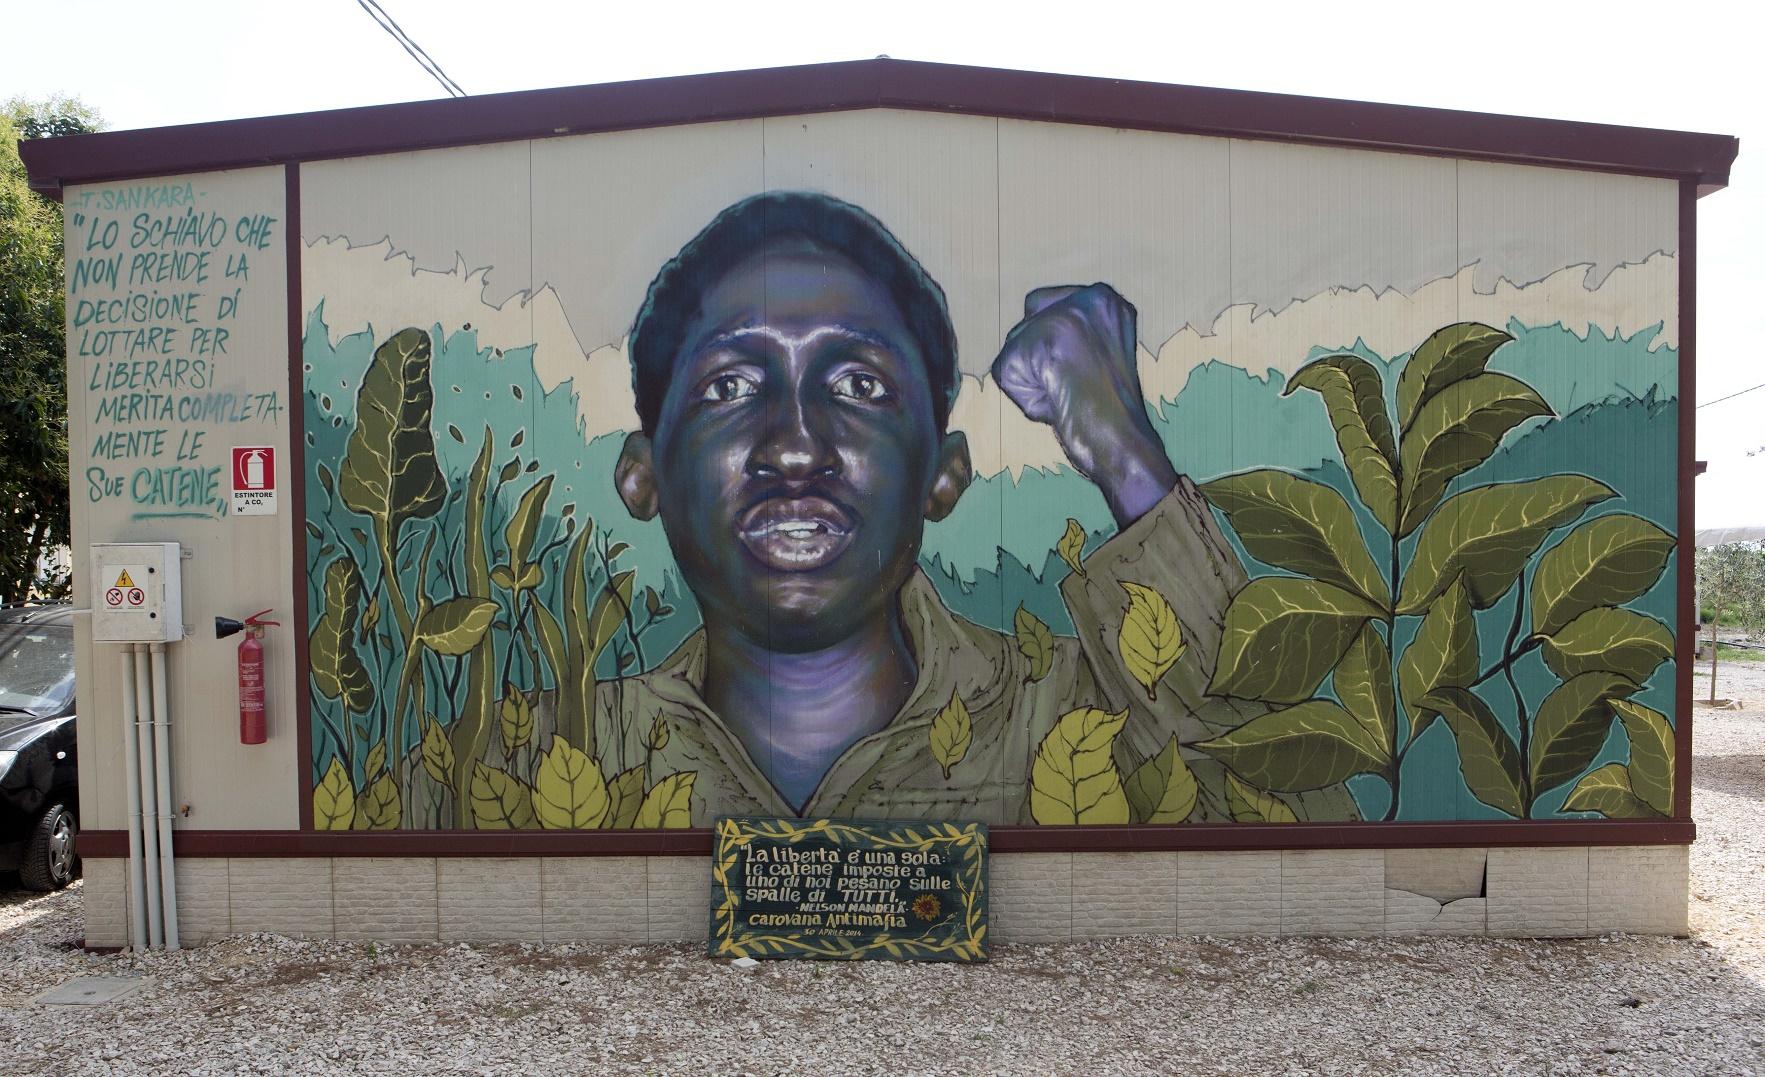 O mural com o rosto de Thomas Sankara, revolucionário africano, em frente à sede da associação Ghetto Out. Foto de Riccardo De Luca